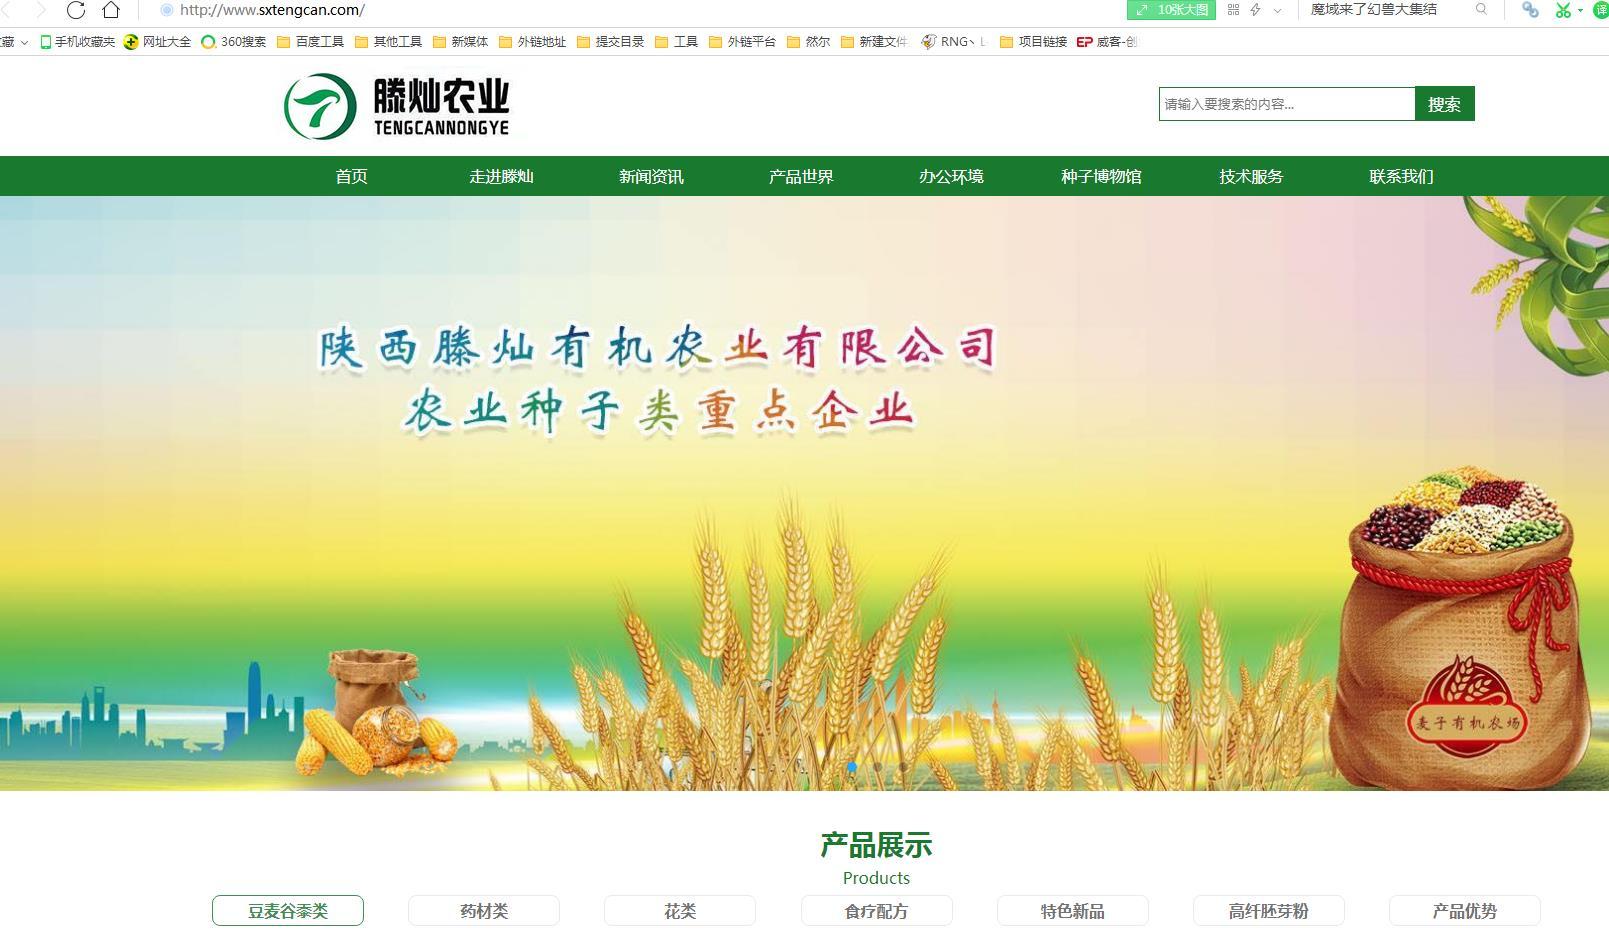 滕灿农业官网定制开发